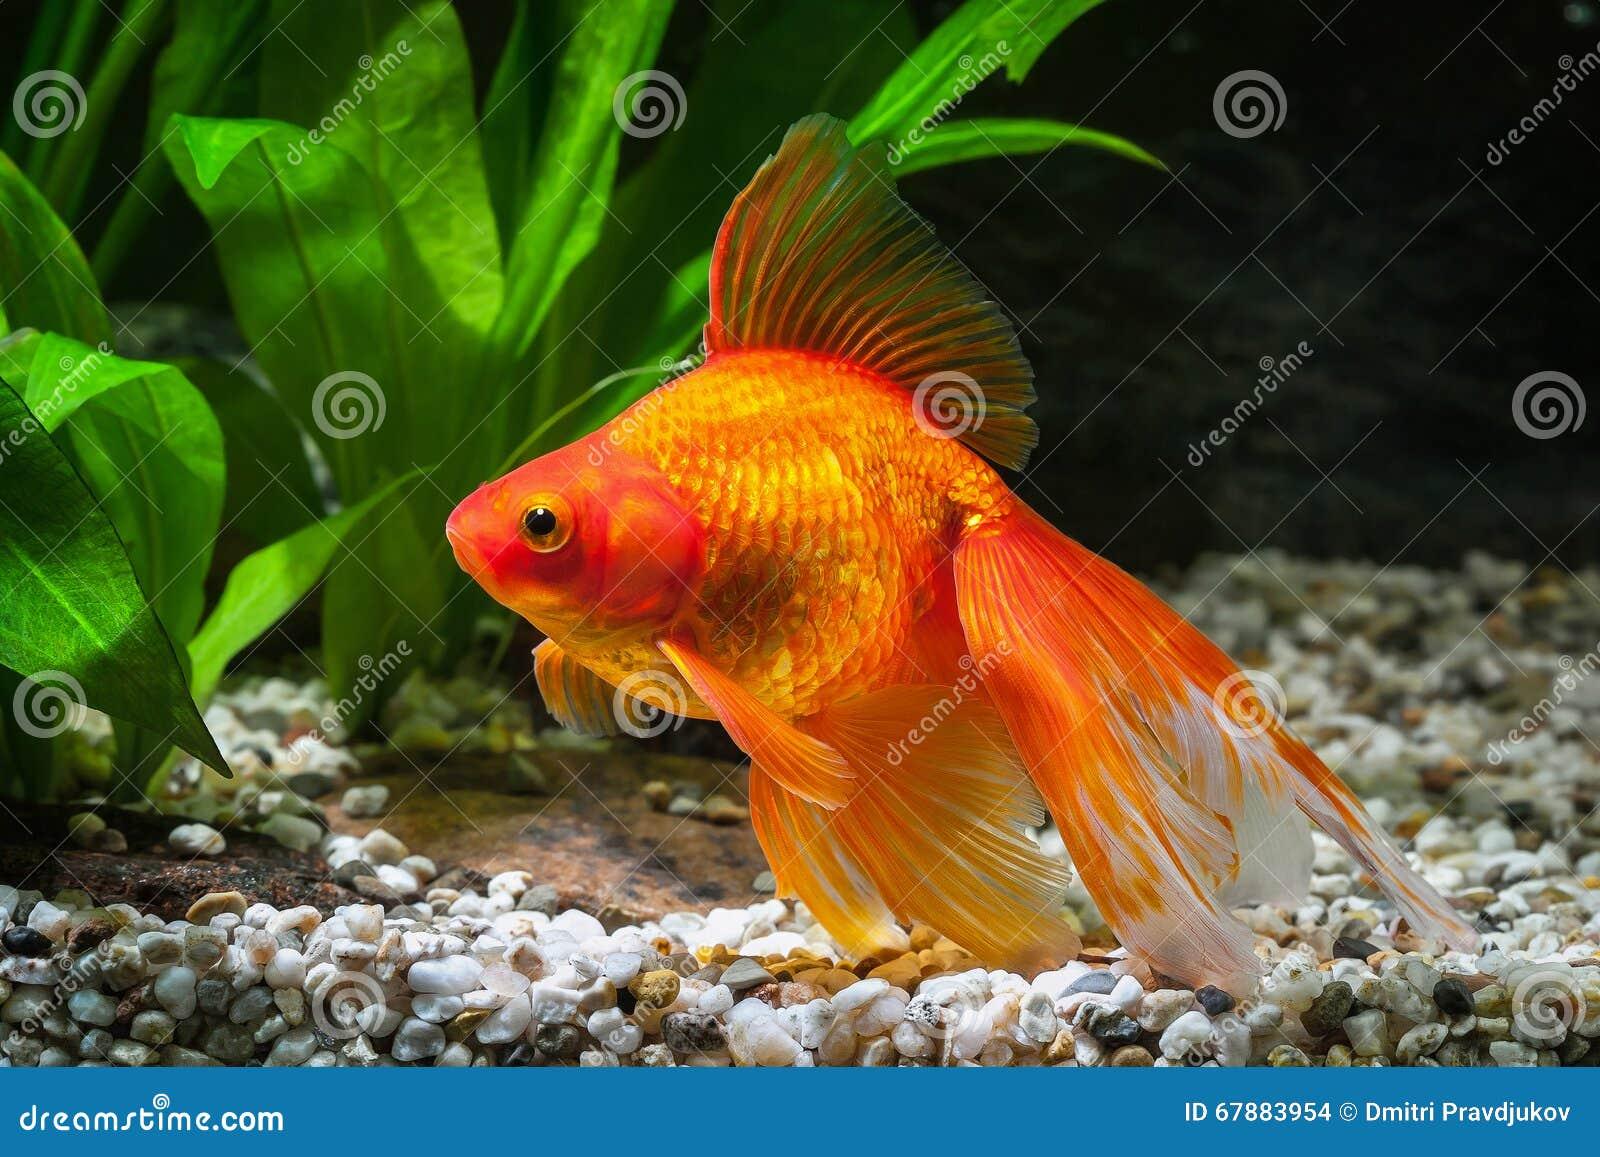 鱼 在水族馆的金鱼有绿色植物的和石头